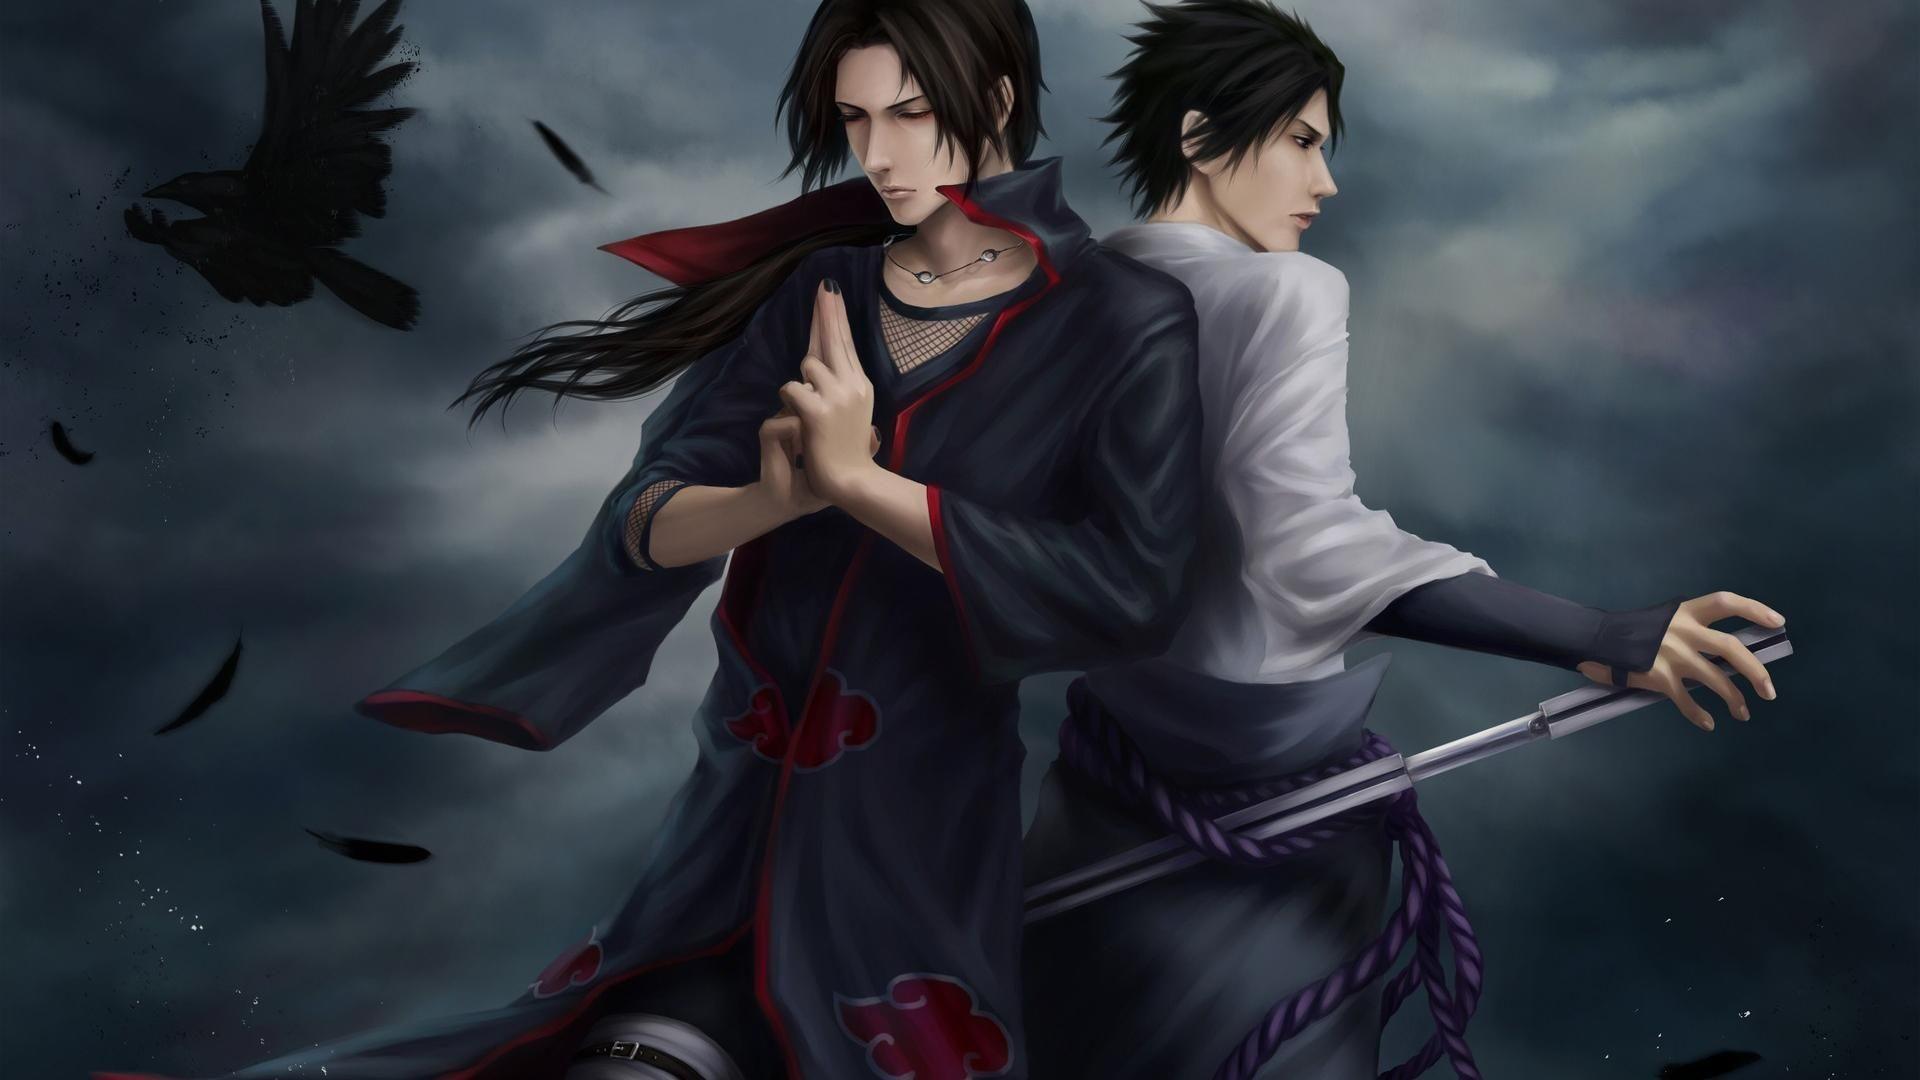 =Sasuke and Itachi Wallpapers